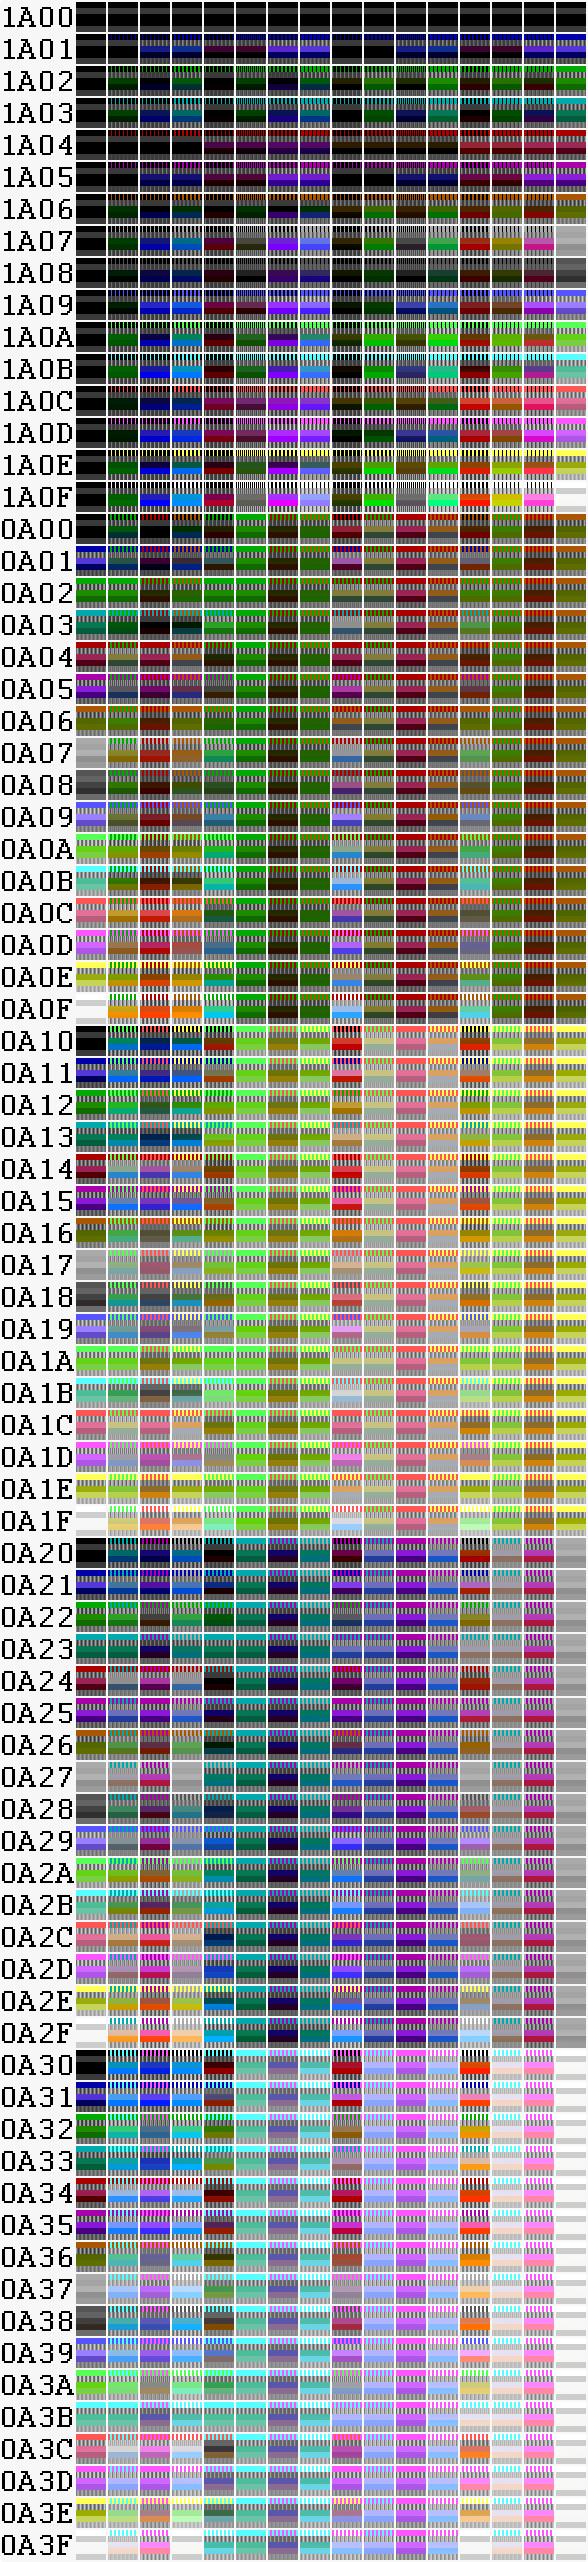 Как же всё-таки получаются 1024 цвета в CGA? И действительно ли их 1024? - 19